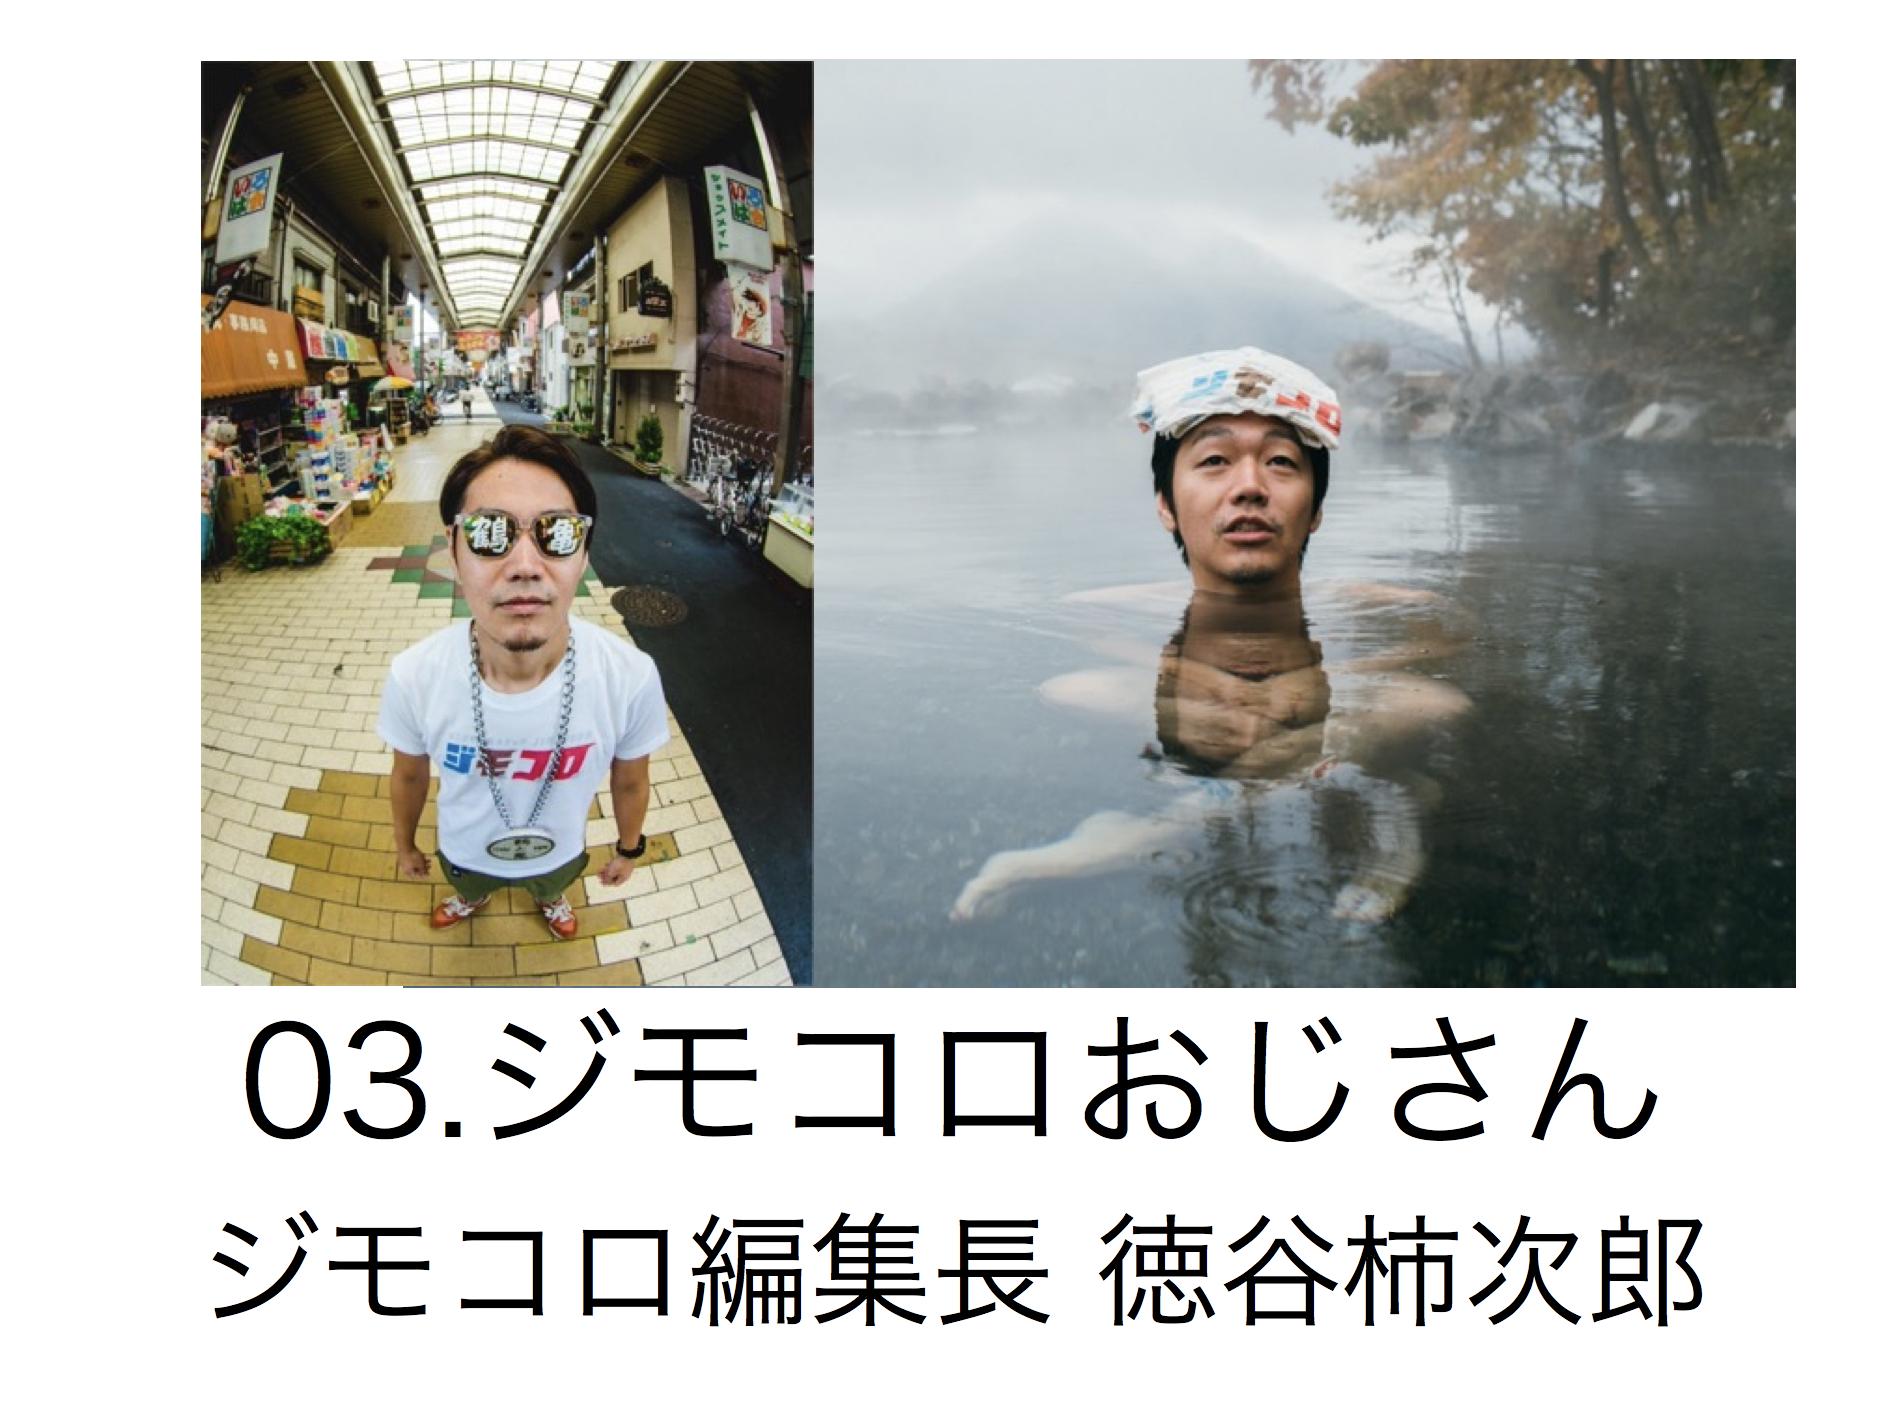 f:id:kakijiro:20170205134729p:plain